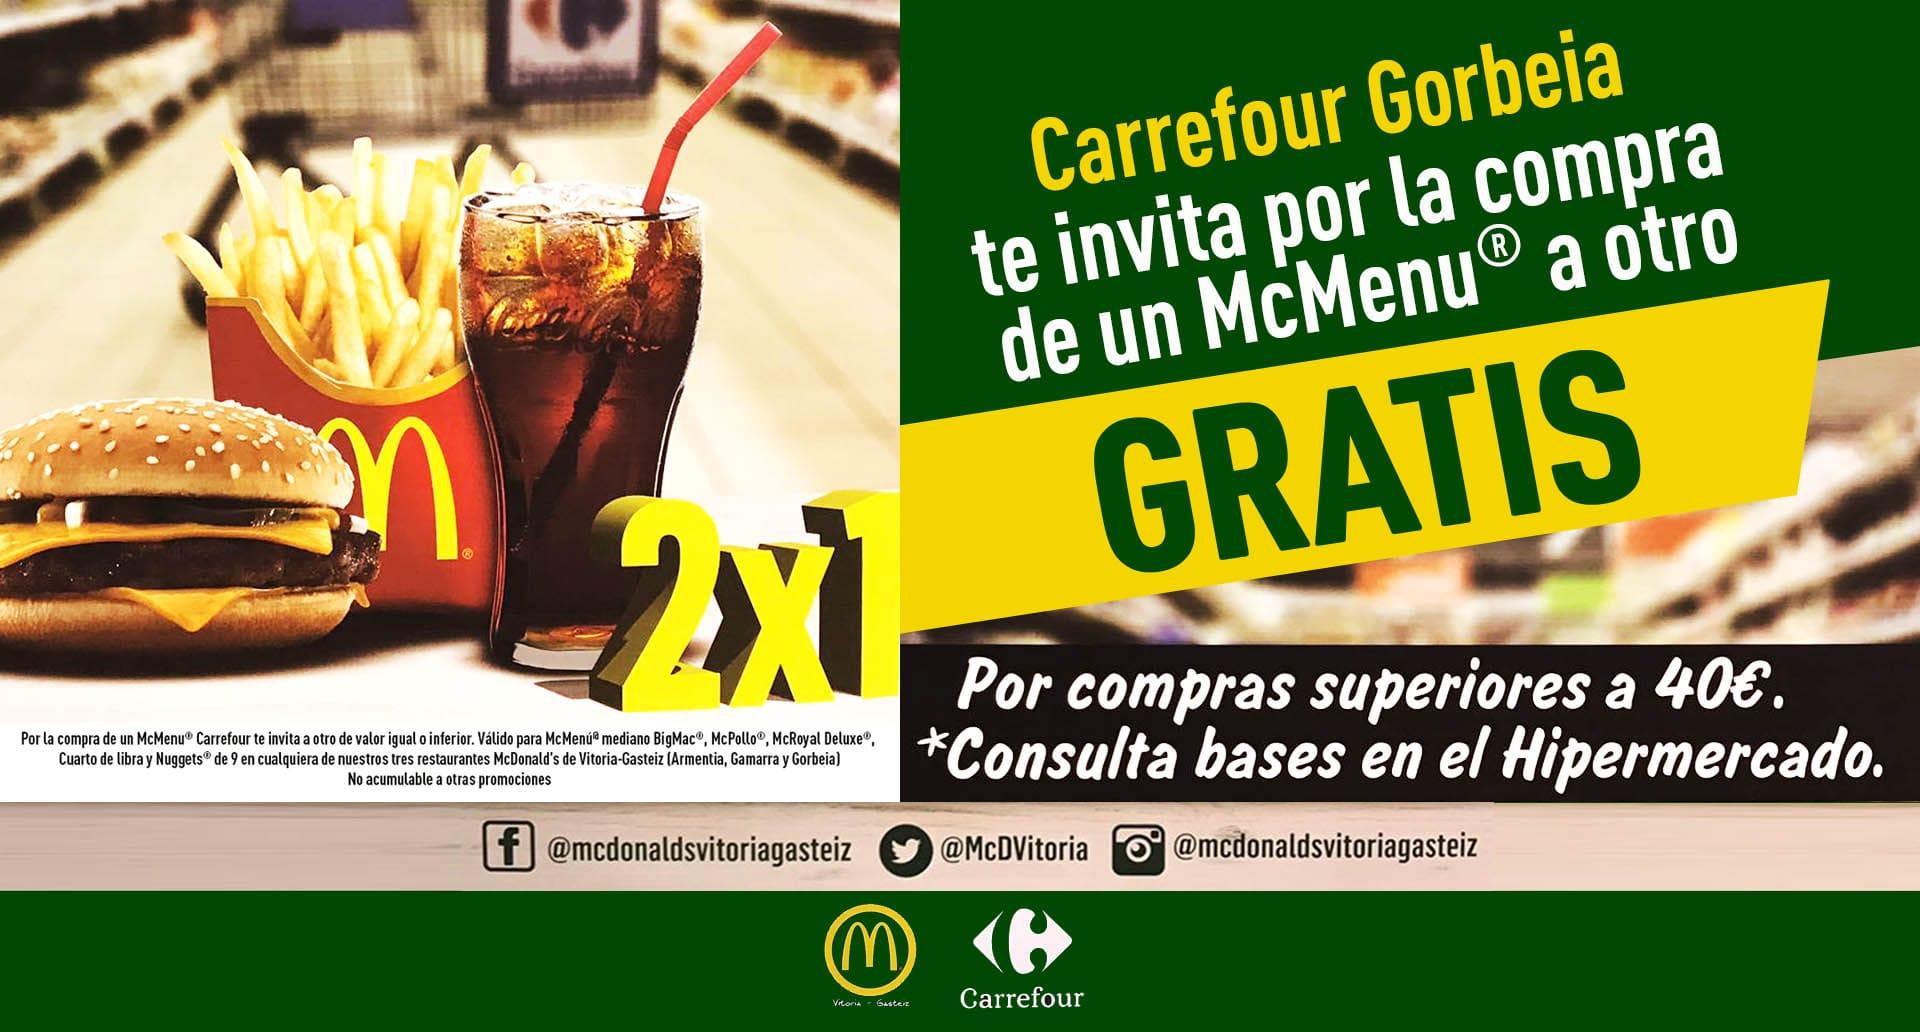 Carrefour Gorbeia te invita por la compra de un McMenu® a otro GRATIS